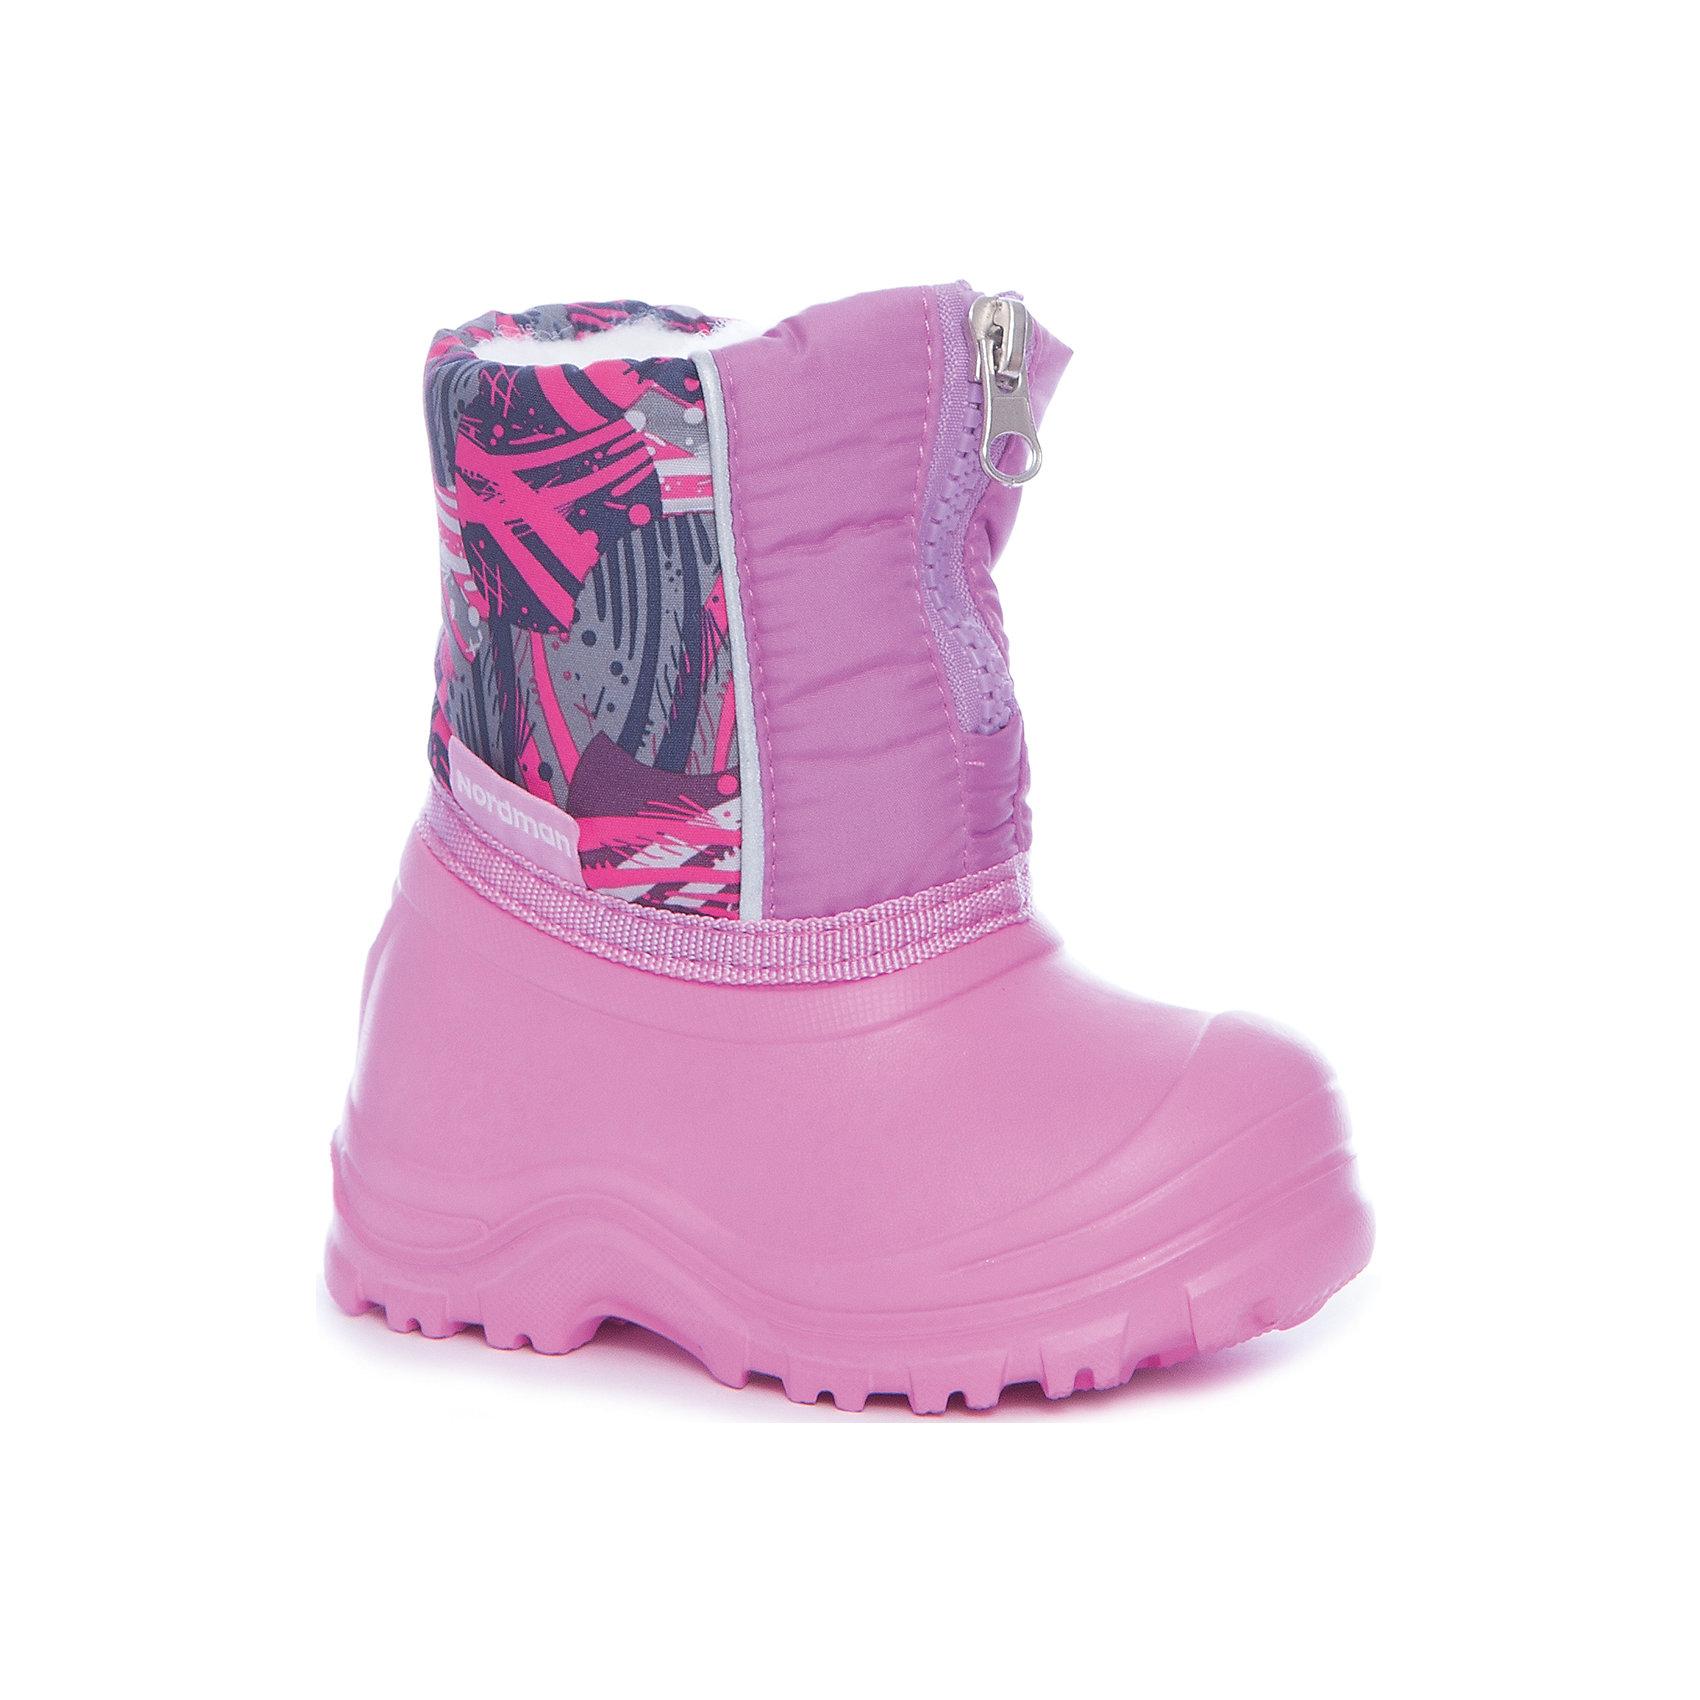 Сноубутсы для девочки NordmanСноубутсы<br>Характеристики товара:<br><br>• цвет: розовый<br>• материал верха: текстиль (dewspo)<br>• галоша: ЭВА<br>• подклад: шерстяной мех<br>• стелька: шерстяной мех<br>• подошва: ЭВА<br>• сезон: зима<br>• температурный режим: от 0 до -15<br>• застежка: молния<br>• непромокаемые<br>• подошва не скользит<br>• анатомические <br>• страна бренда: Россия<br>• страна изготовитель: Россия<br><br>Сноубутсы для девочки Nordman позволяют сохранить ноги в тепле и одновременно не дают им промокнуть. Такая обувь отлично подходит для снежной зимы или слякоти в межсезонье. <br><br>Высокое голенище из непромокаемой ткани предотвращает попадание снега в сапог. Меховая подкладка обеспечивает комфортные условия для ног благодаря способности материала впитывать влагу.<br><br>Сноубутсы для девочки Nordman (Нордман) можно купить в нашем интернет-магазине.<br><br>Ширина мм: 257<br>Глубина мм: 180<br>Высота мм: 130<br>Вес г: 420<br>Цвет: розовый<br>Возраст от месяцев: 132<br>Возраст до месяцев: 144<br>Пол: Женский<br>Возраст: Детский<br>Размер: 34/35,32/33,20/21,22/23,24/25,26/27,28/29,30/31<br>SKU: 6867163